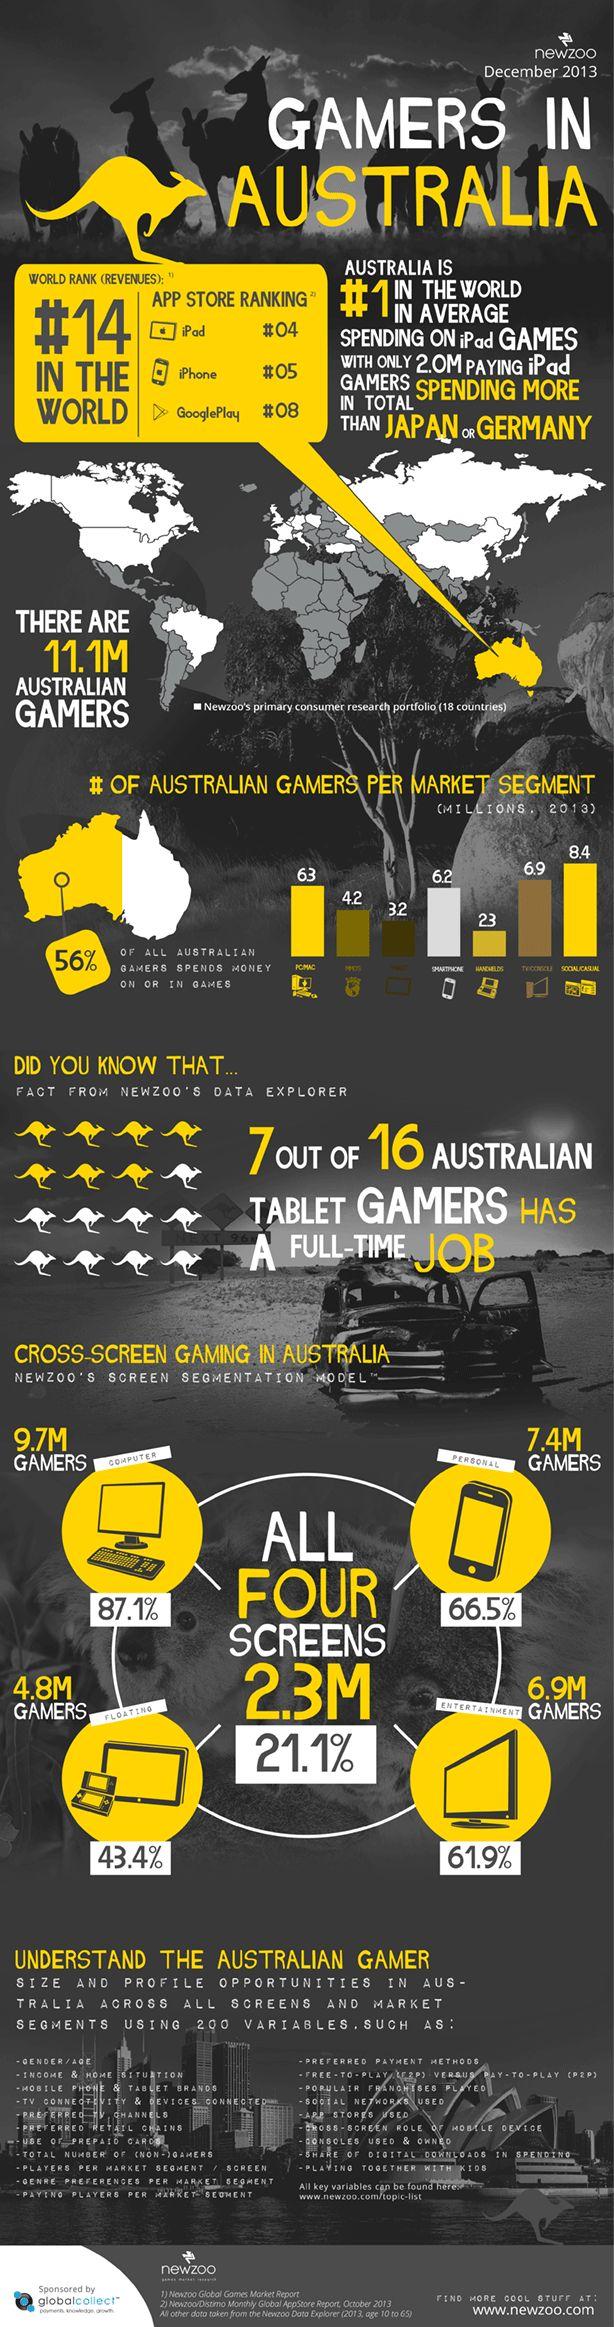 Gaming in Australia (Newzoo Dec'13)